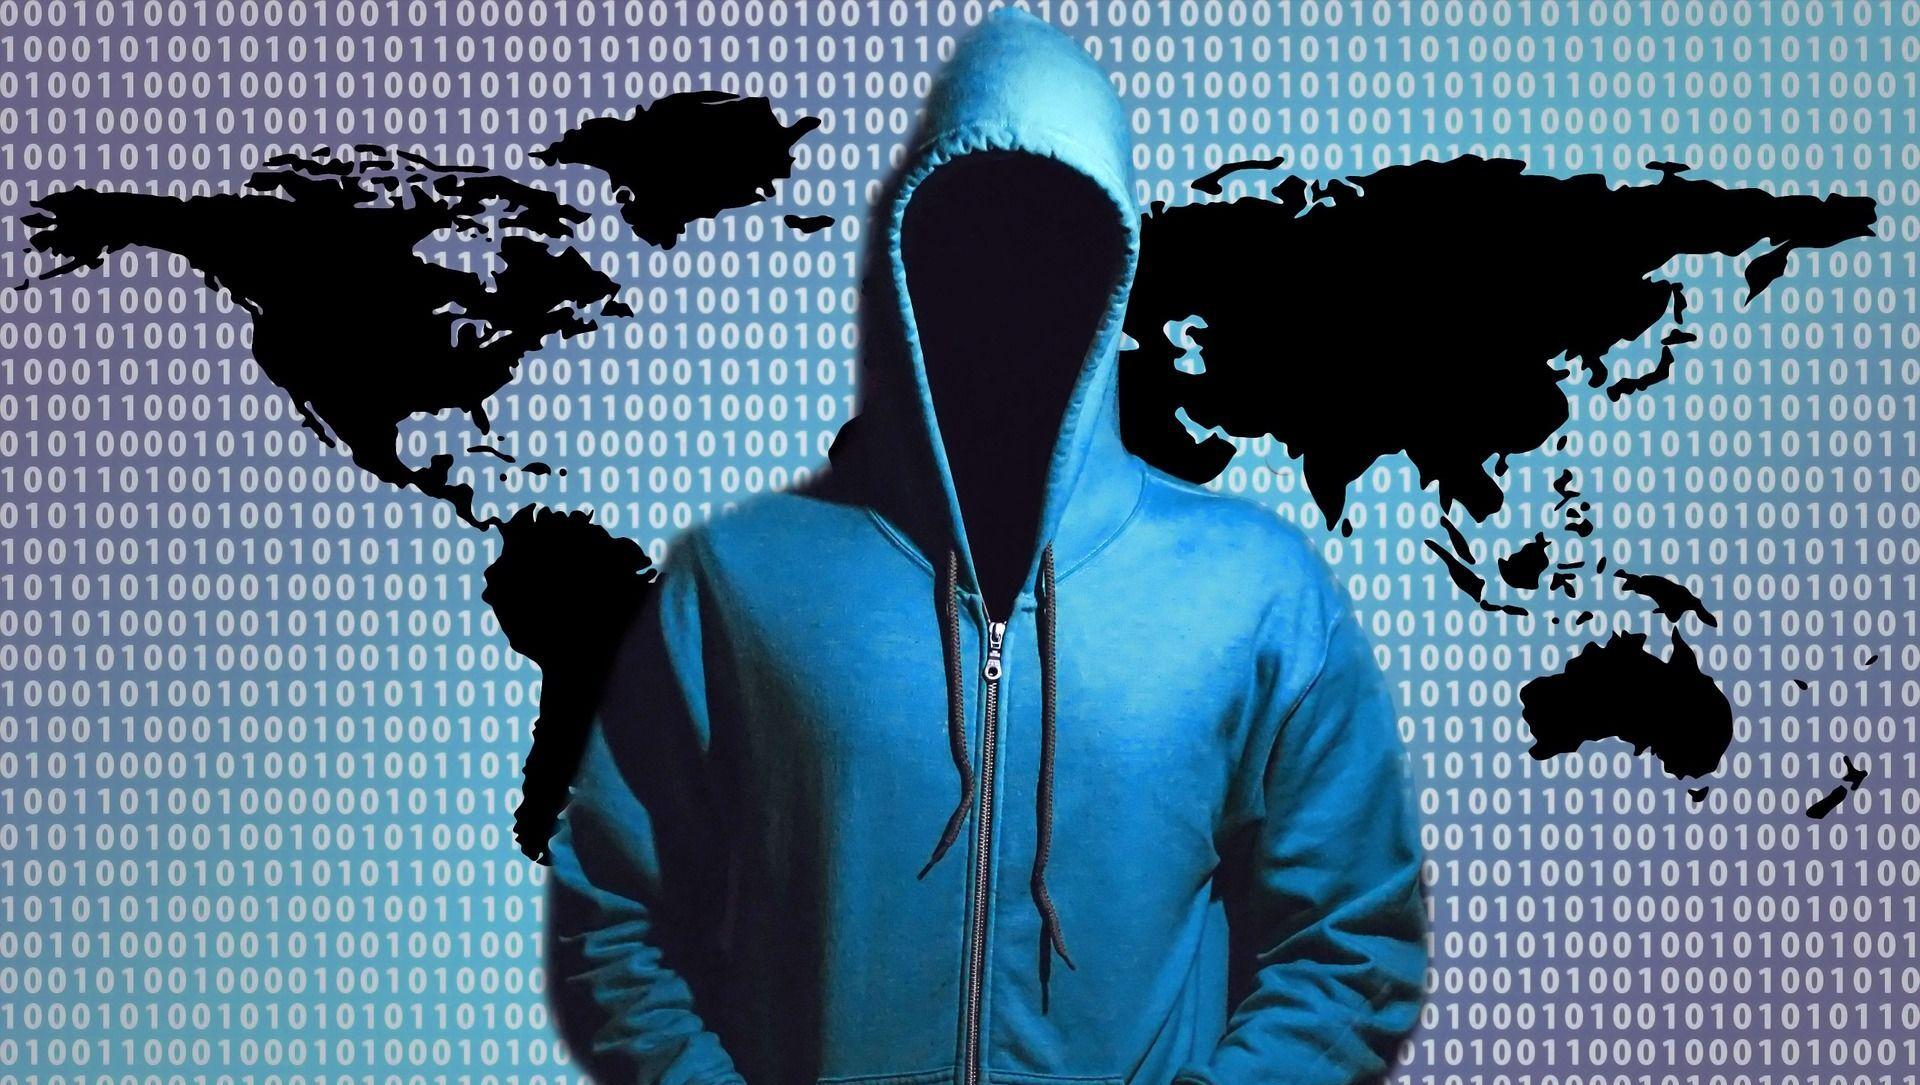 Imagen referencial de hackers en internet - Sputnik Mundo, 1920, 02.02.2021